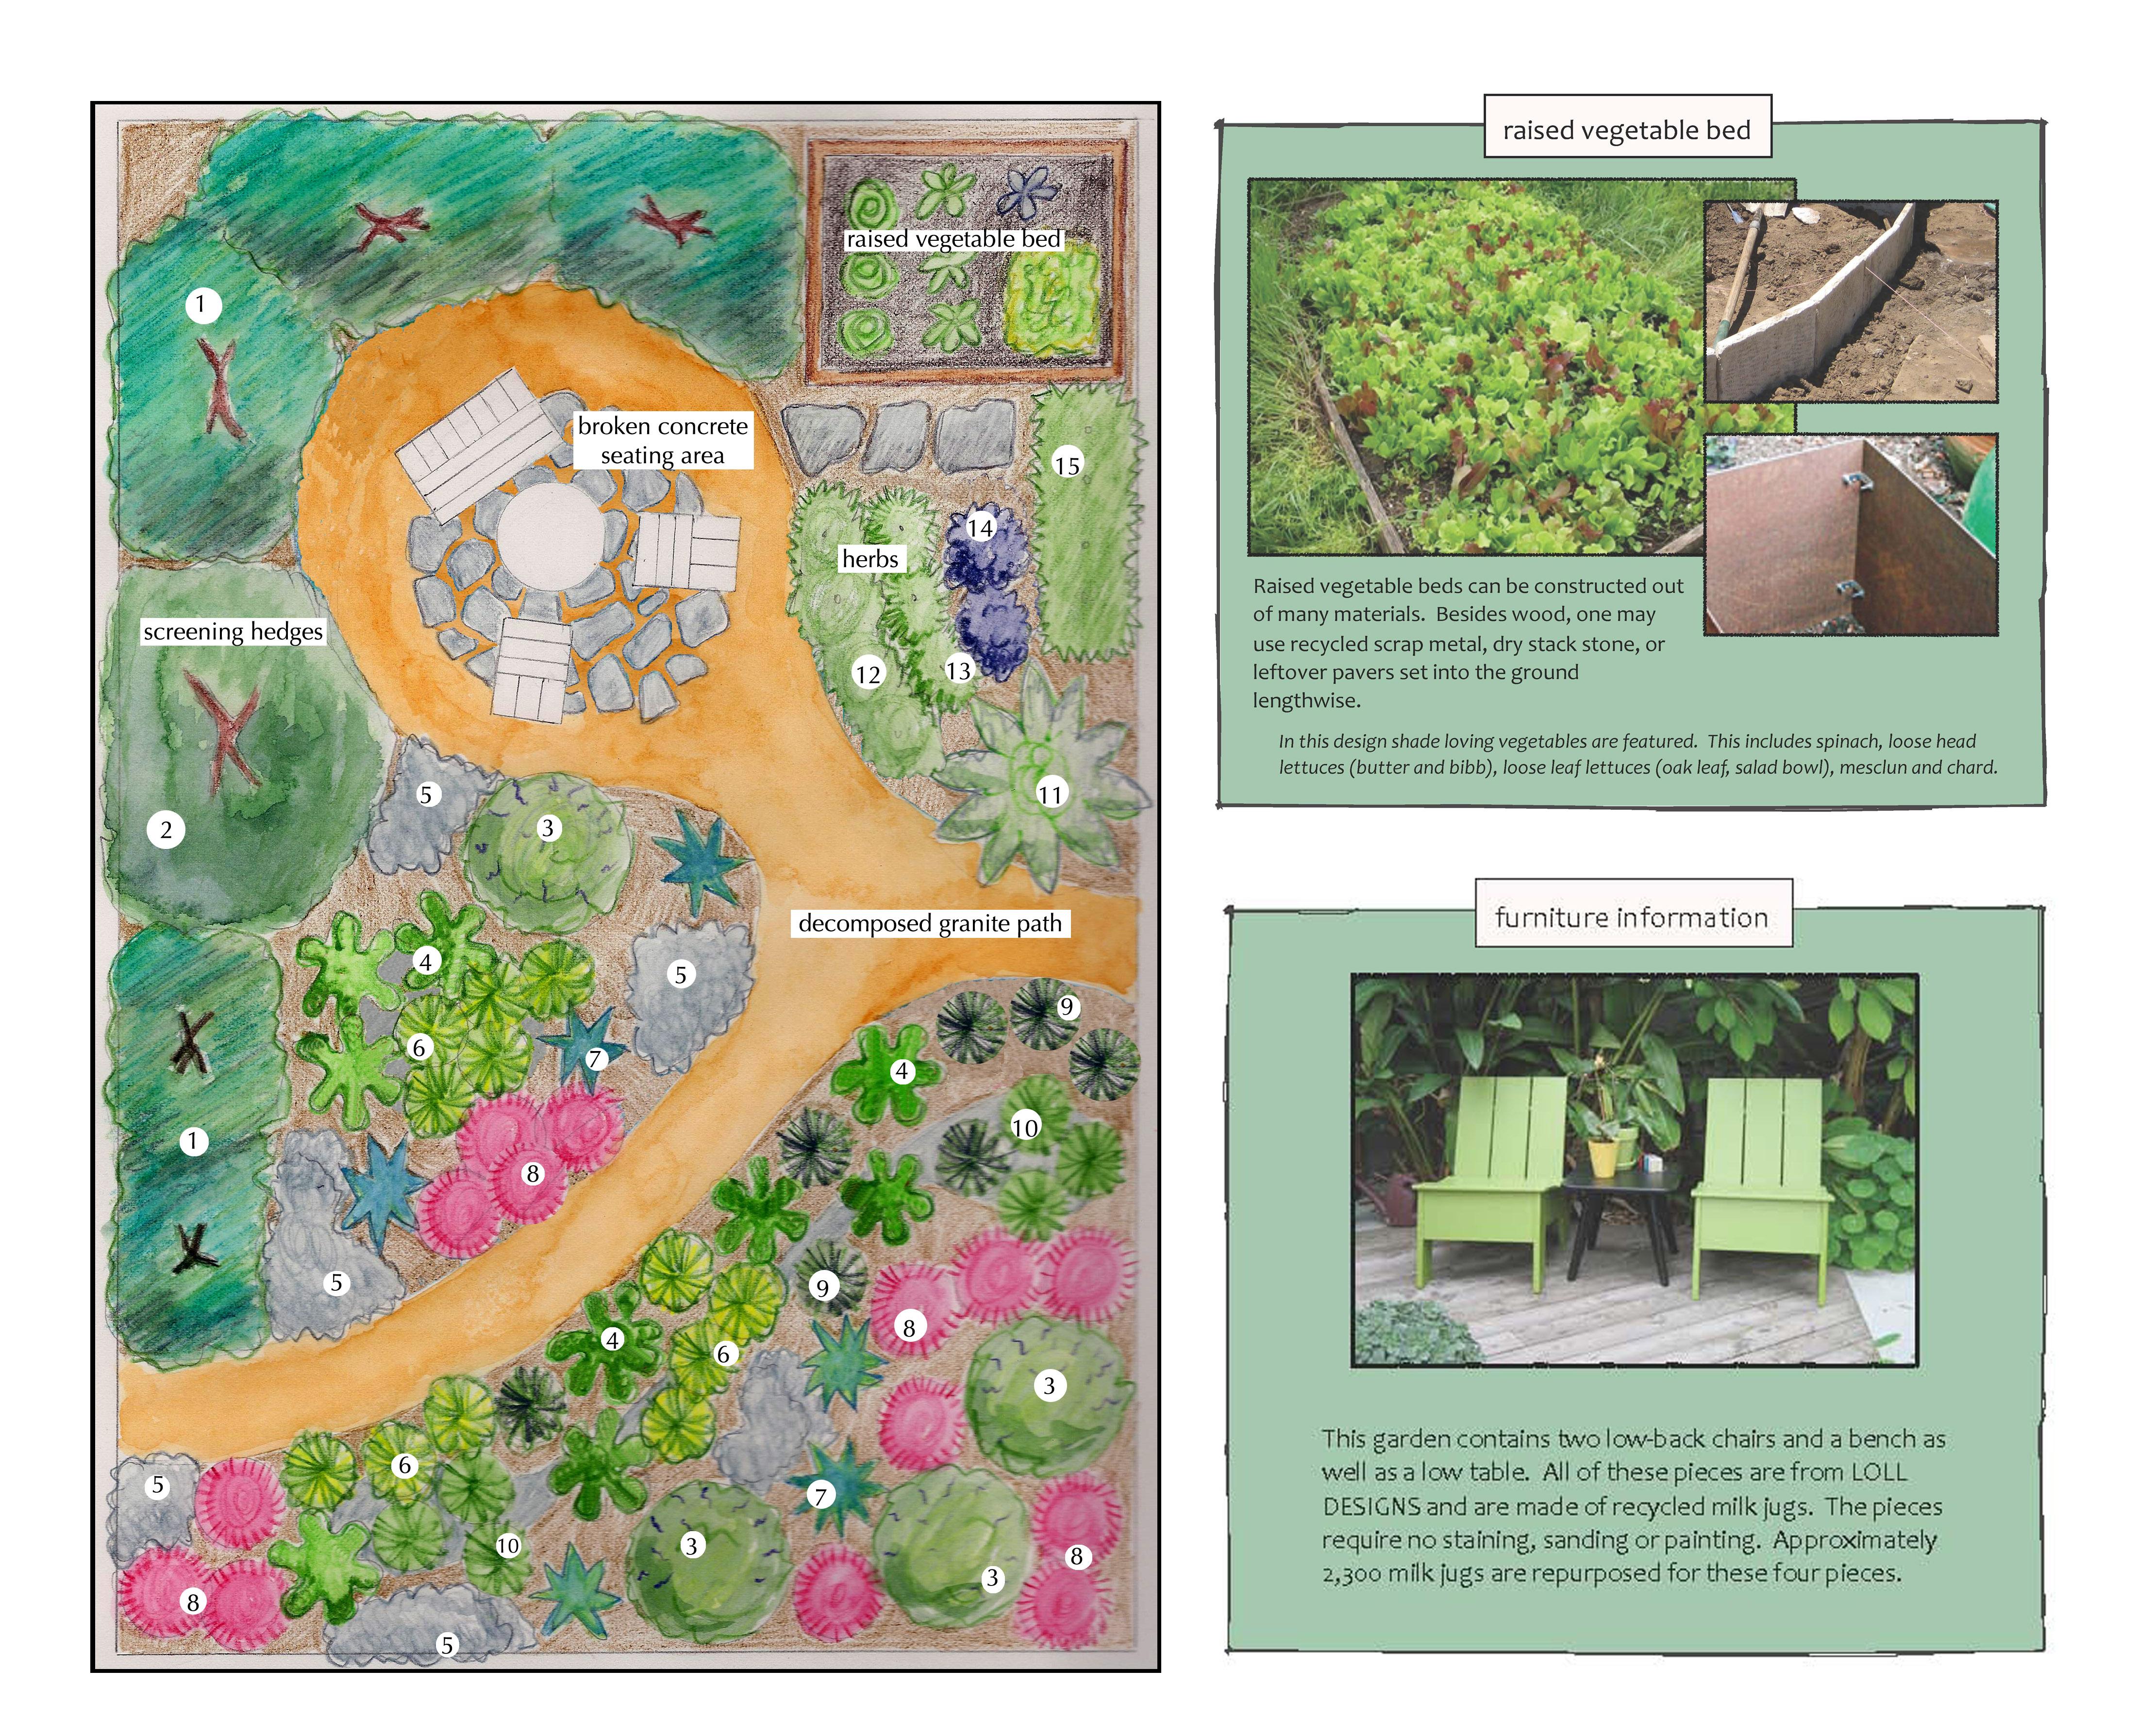 Satori Garden Design Entry for Garden #3